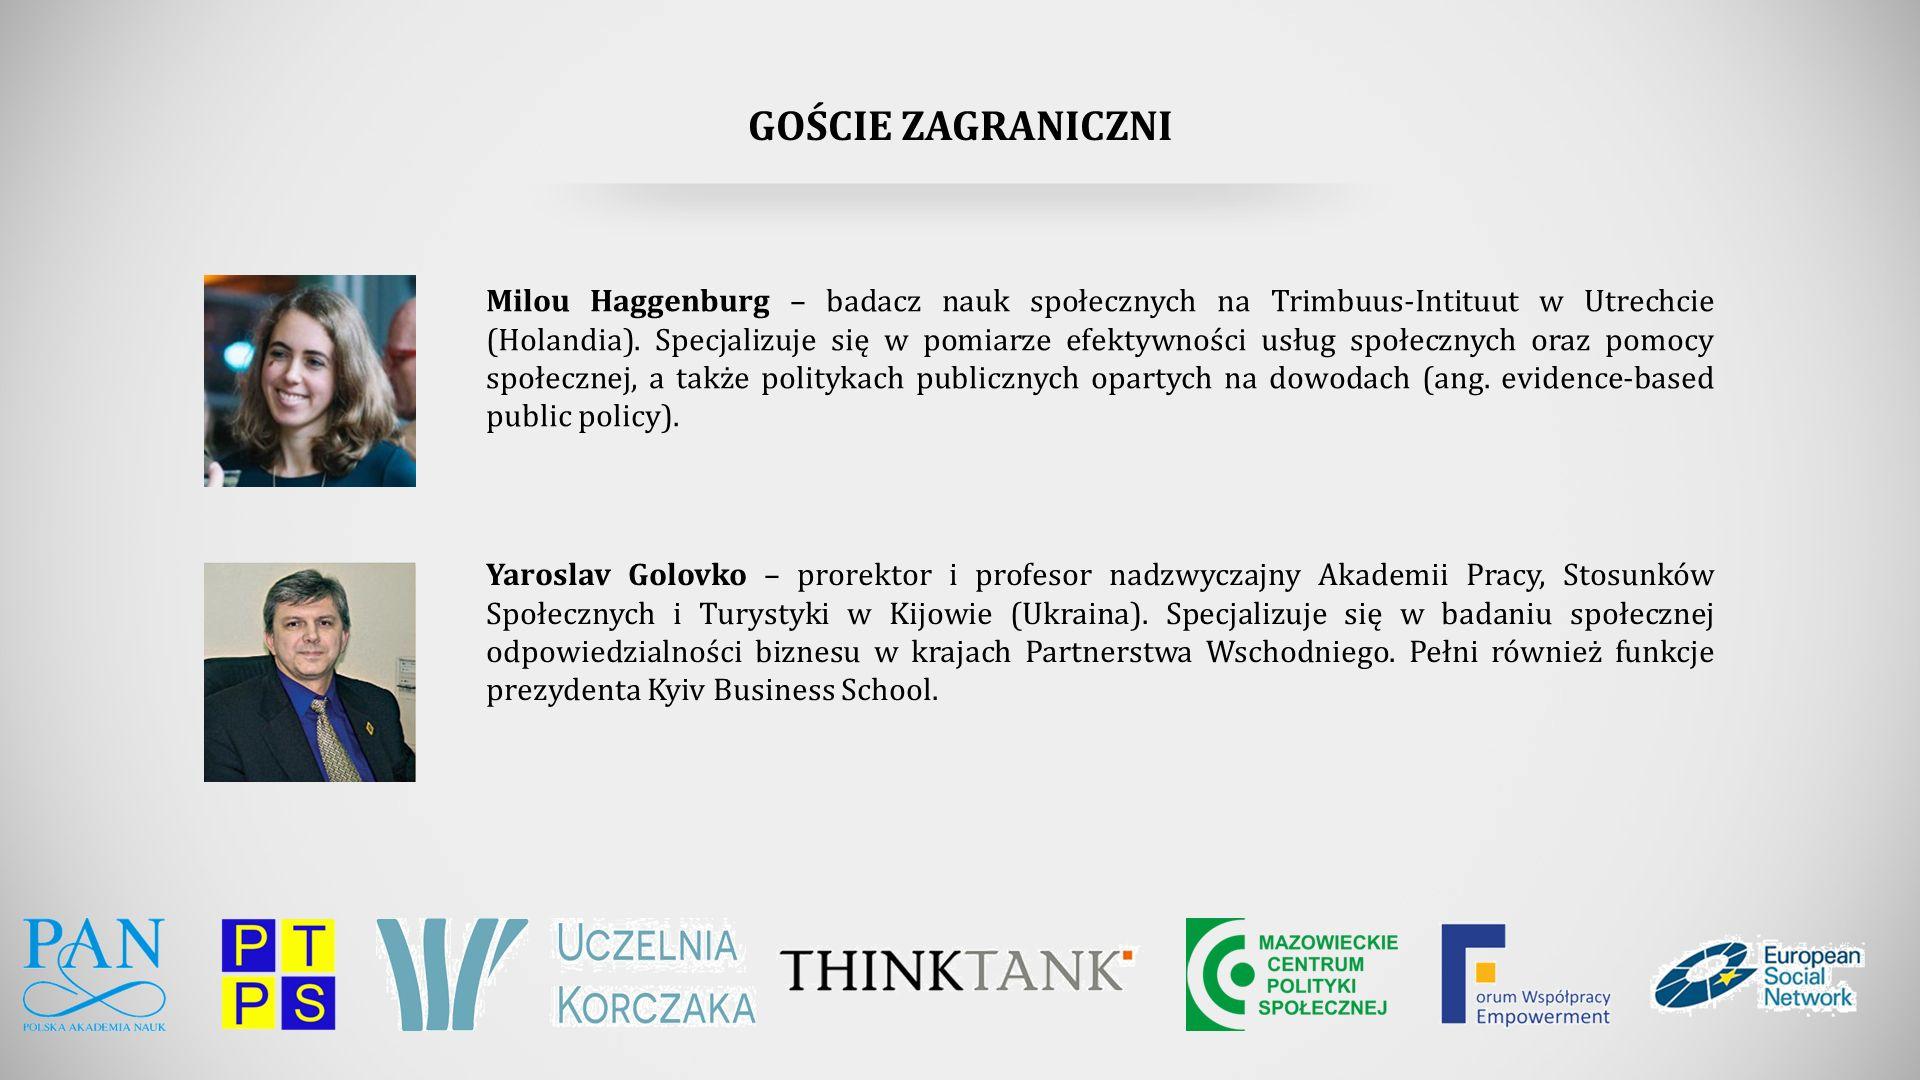 GOŚCIE ZAGRANICZNI Yaroslav Golovko – prorektor i profesor nadzwyczajny Akademii Pracy, Stosunków Społecznych i Turystyki w Kijowie (Ukraina).